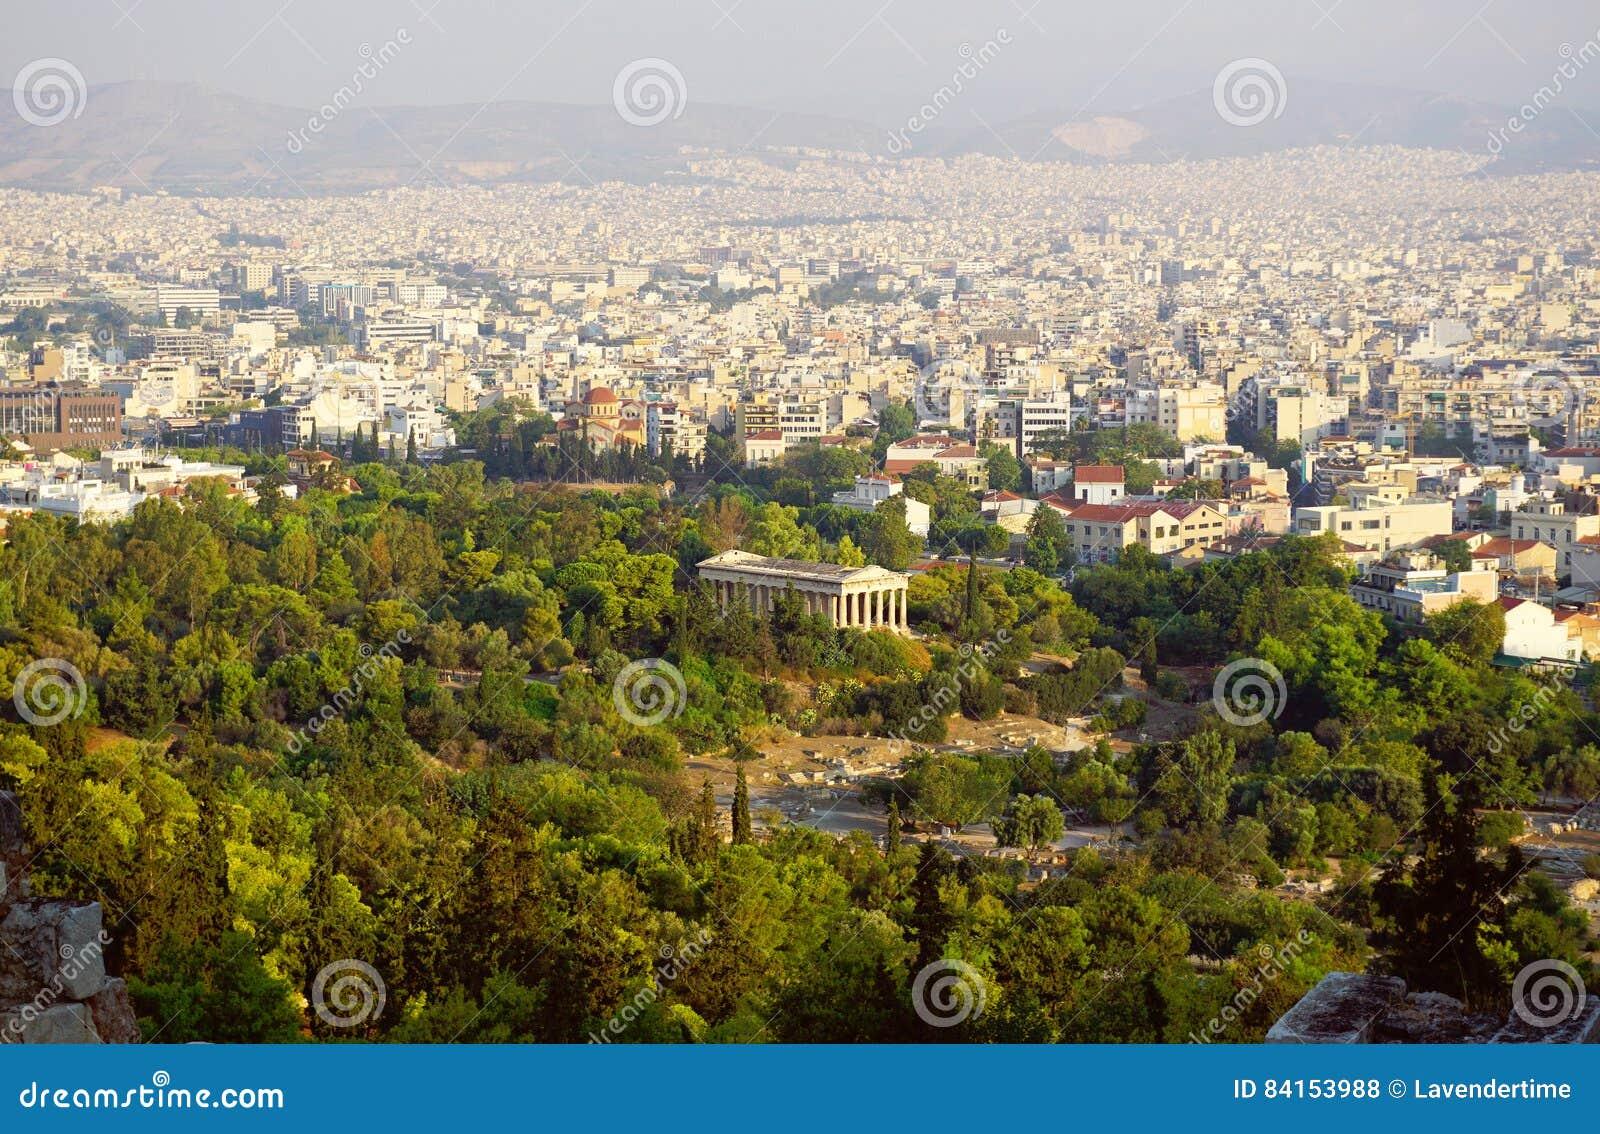 Παλάτι Hephaestus και άποψη οριζόντων της Αθήνας από την ακρόπολη